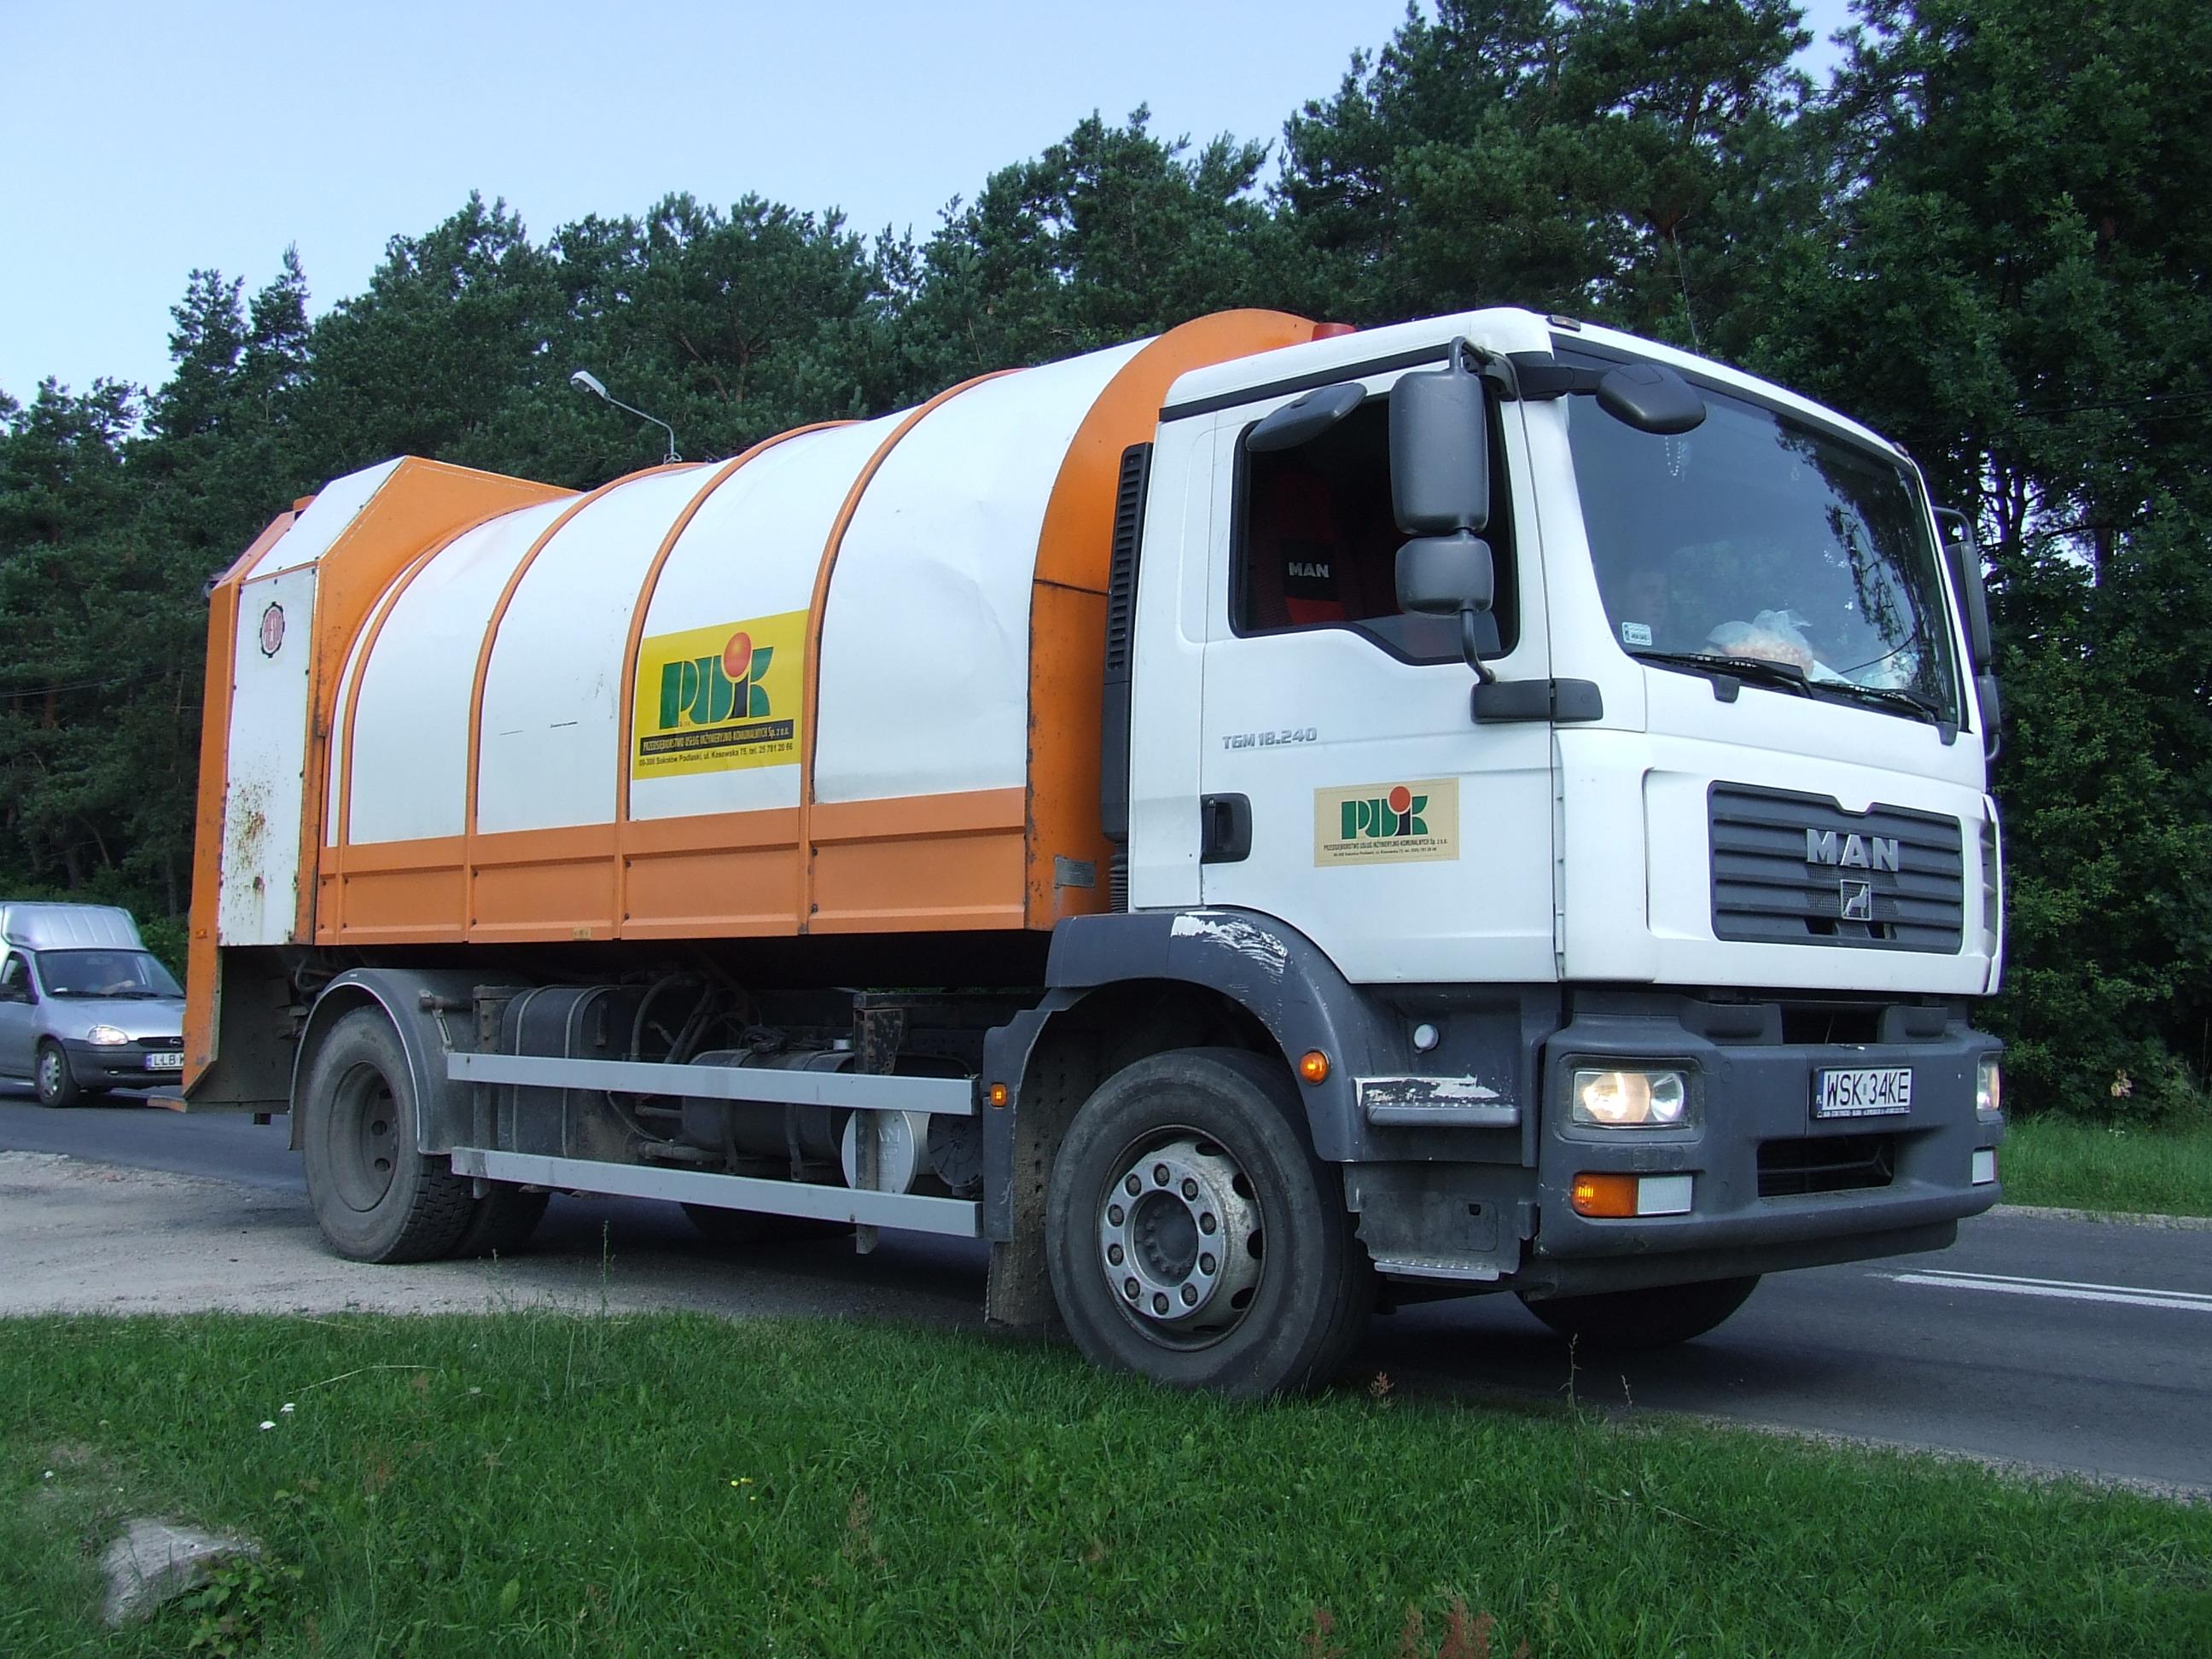 Harmonogram wywozu odpadów komunalnych zGminy Sokołów Podlaski